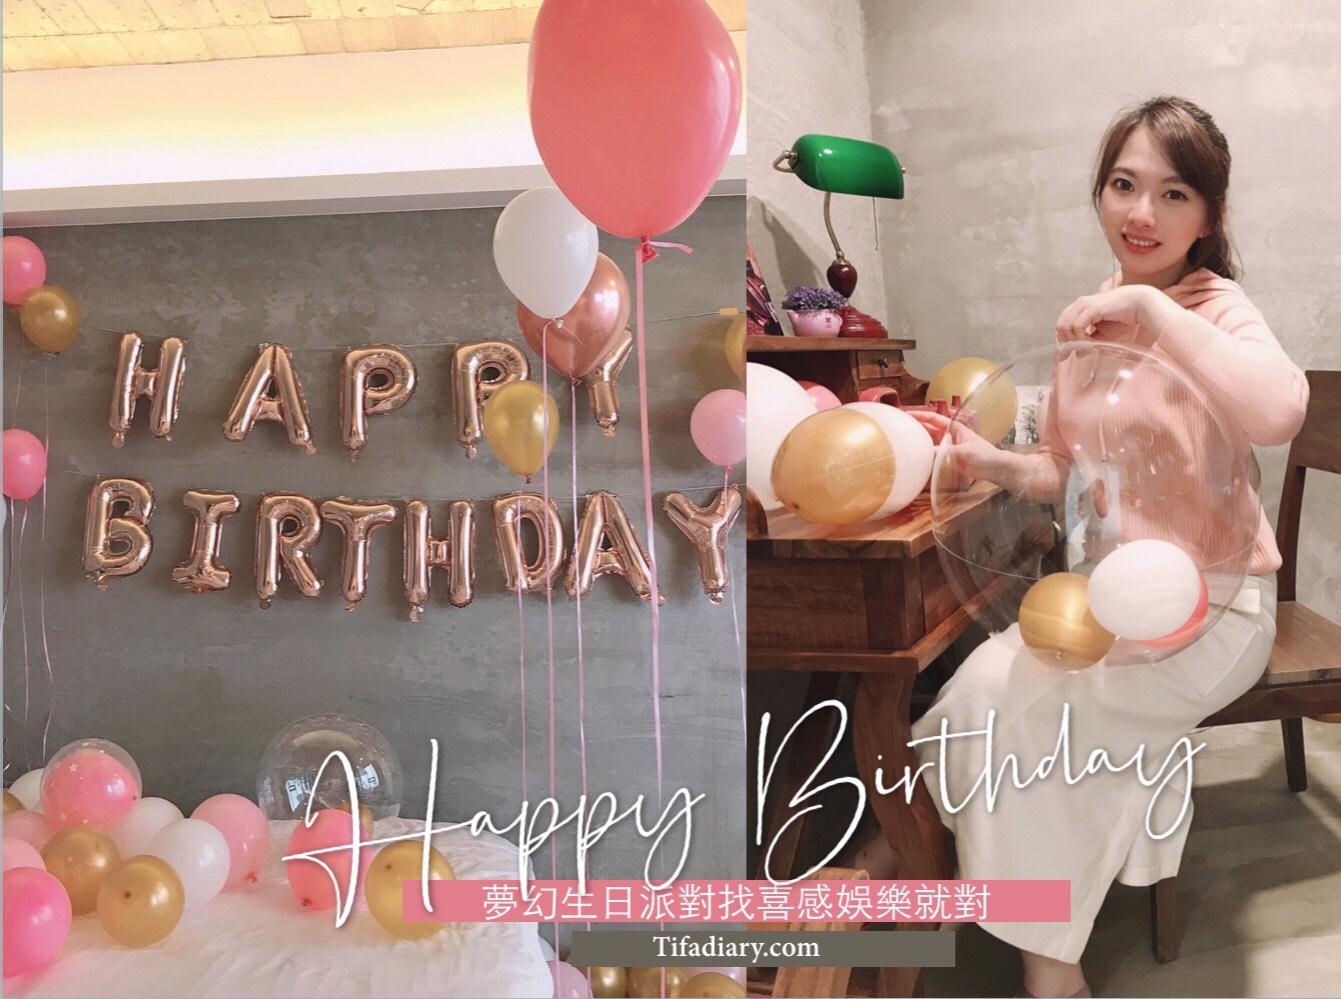 夢幻生日派對找喜感娛樂就對 – 生日佈置推薦!